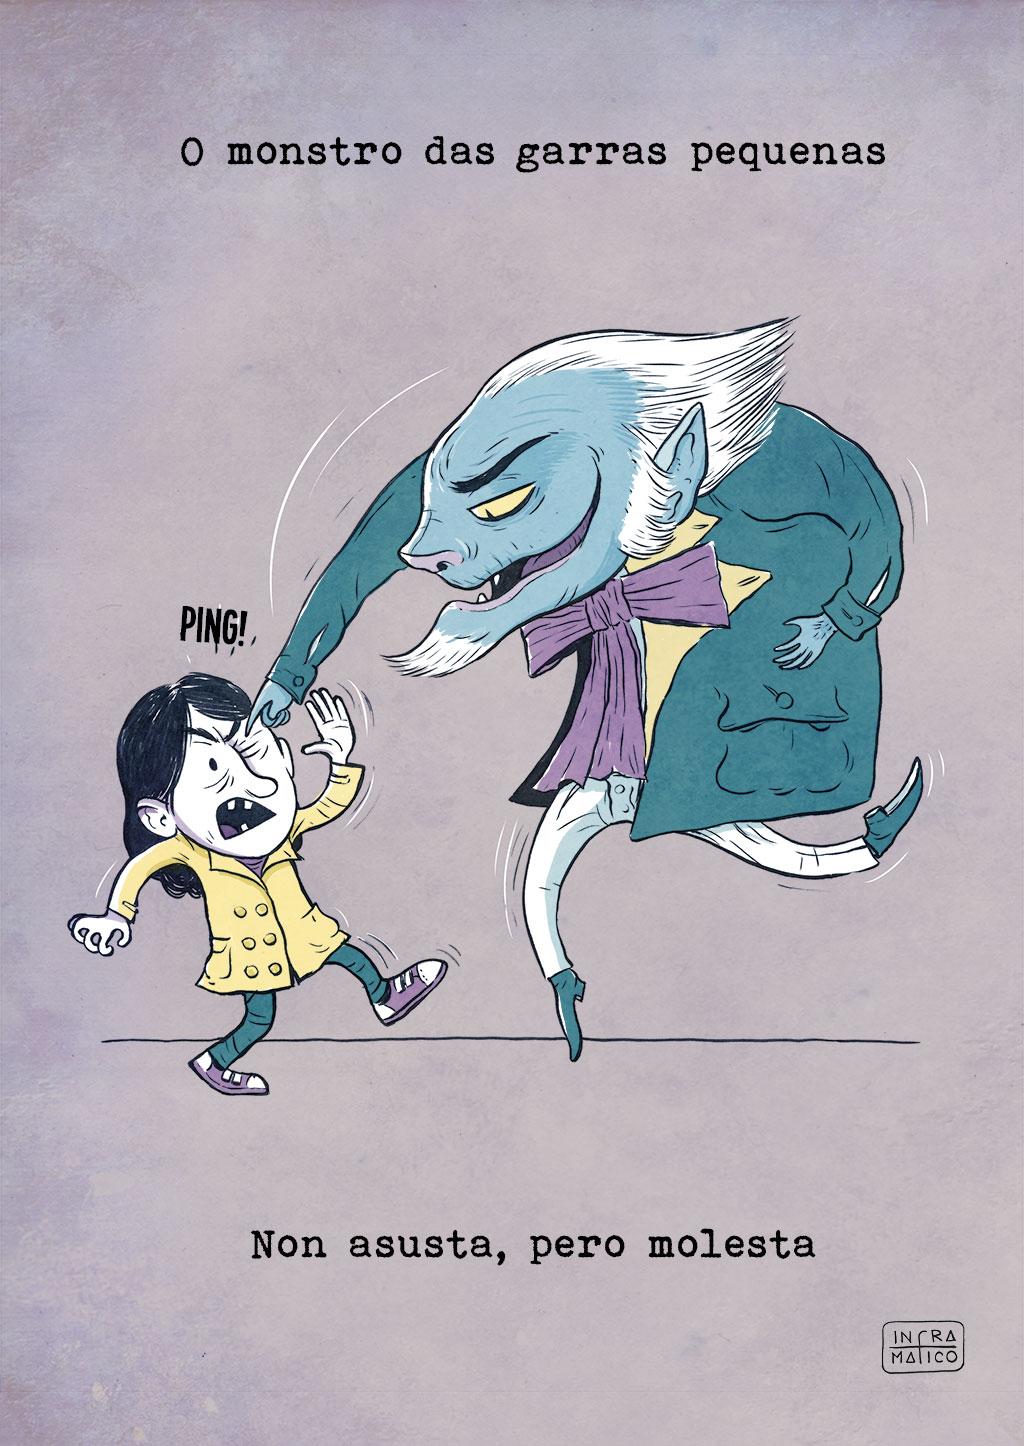 O monstro das garras pequenas